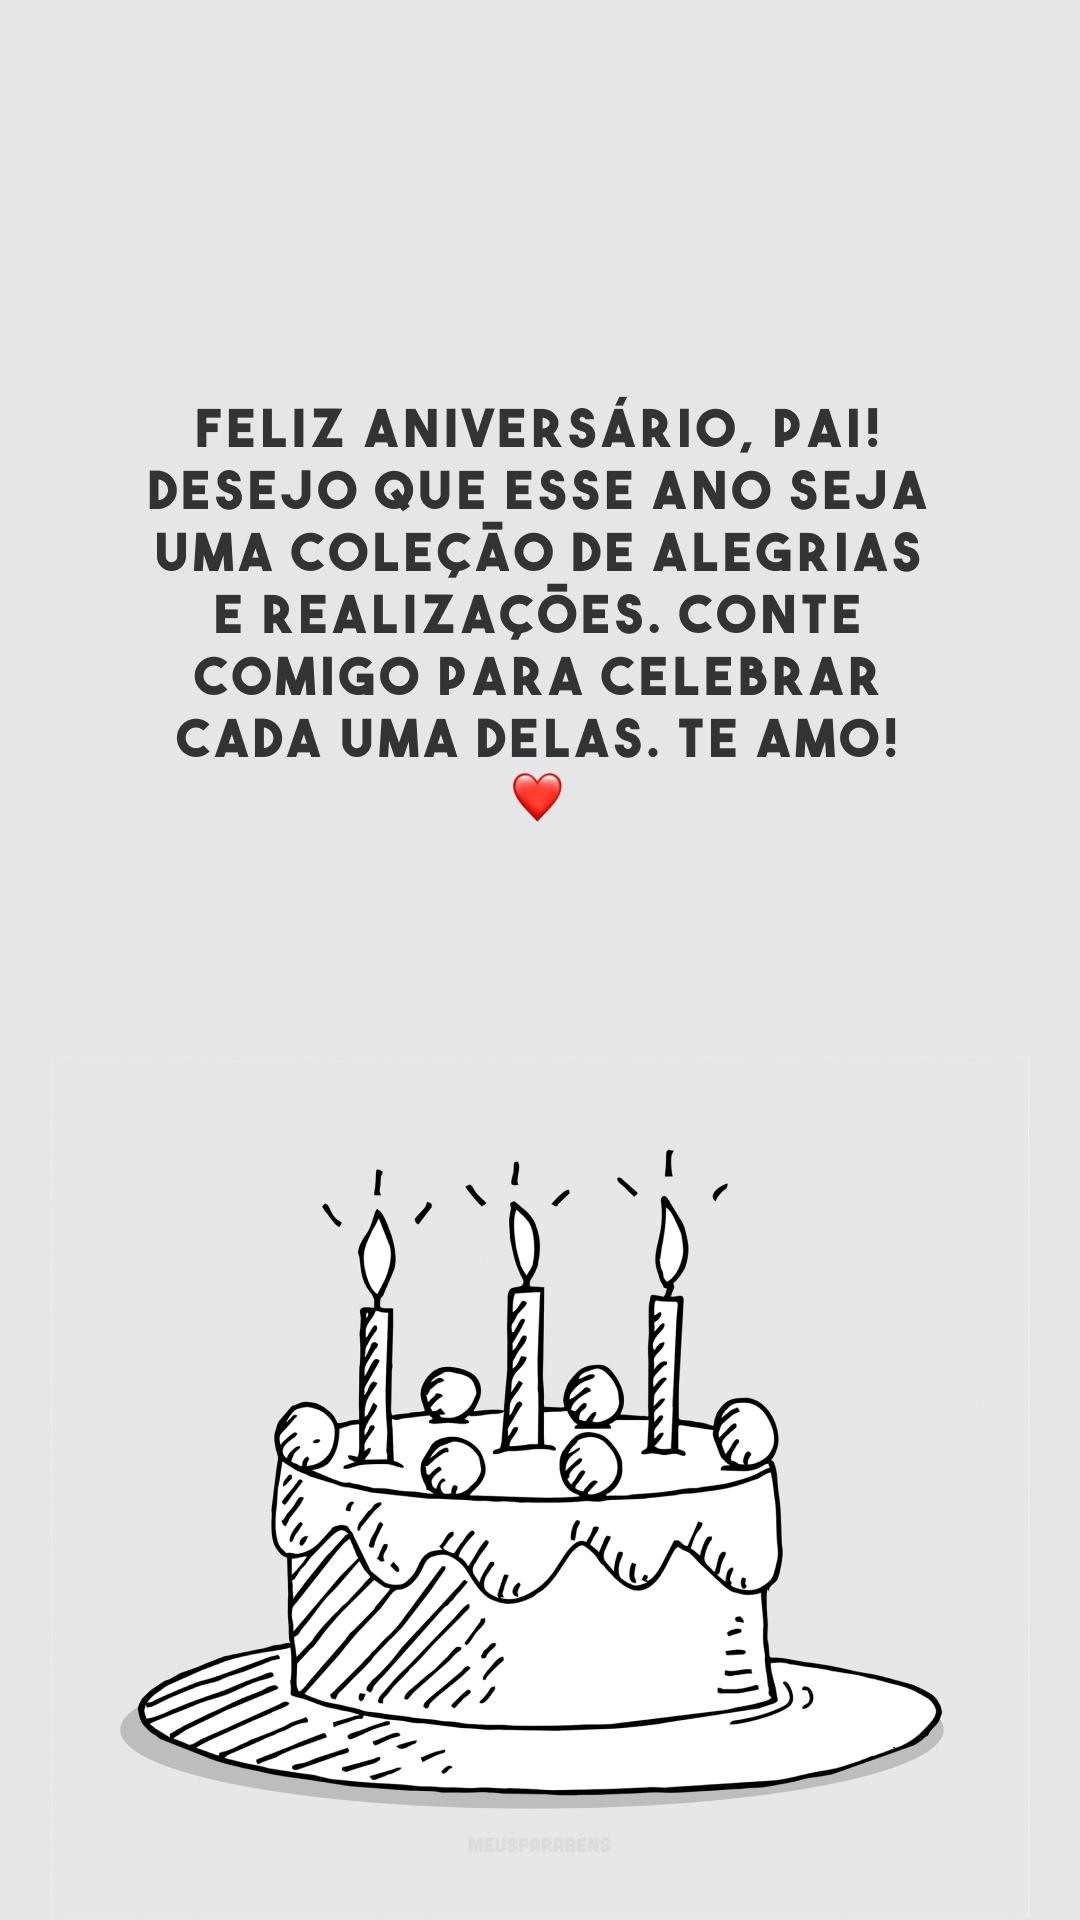 Feliz aniversário, pai! Desejo que esse ano seja uma coleção de alegrias e realizações. Conte comigo para celebrar cada uma delas. Te amo! ❤️